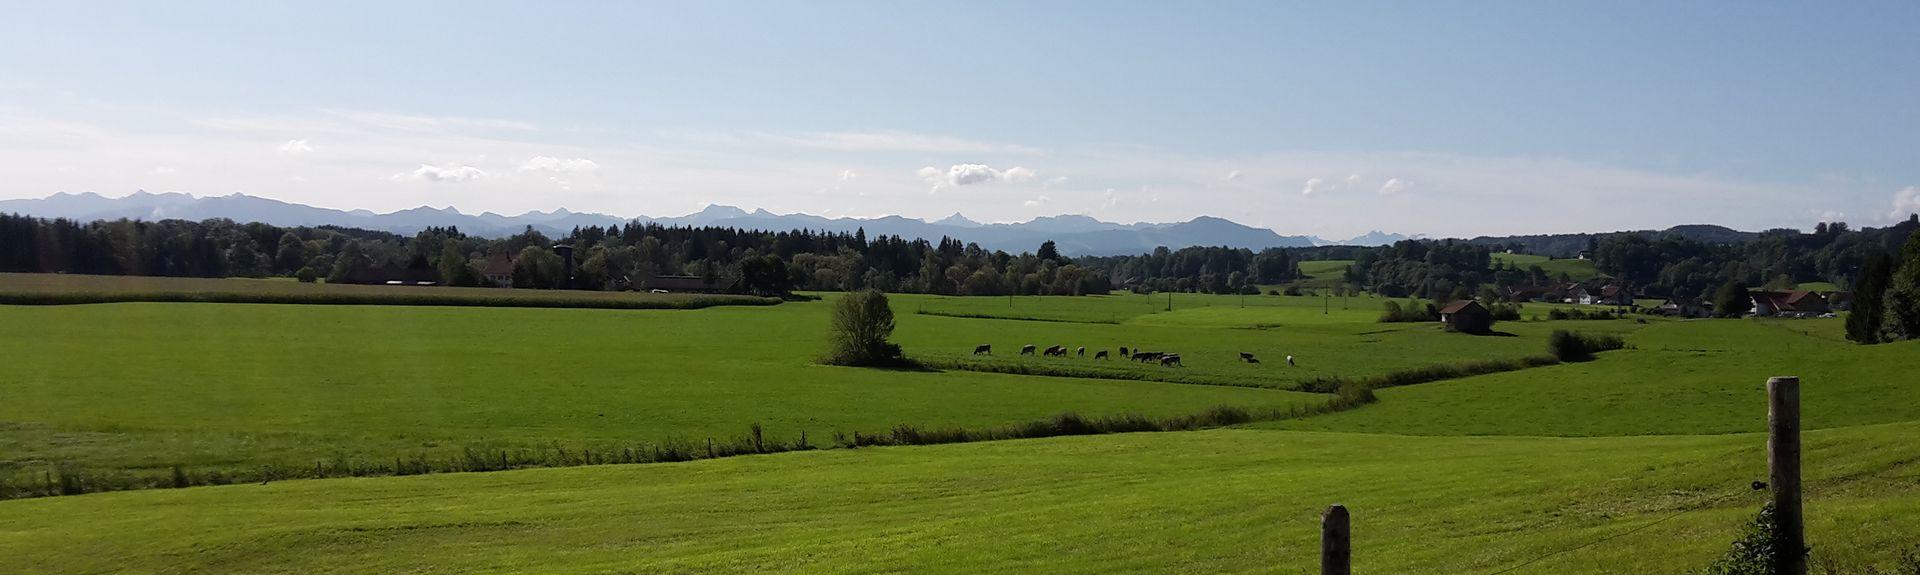 Altusried, Bayern